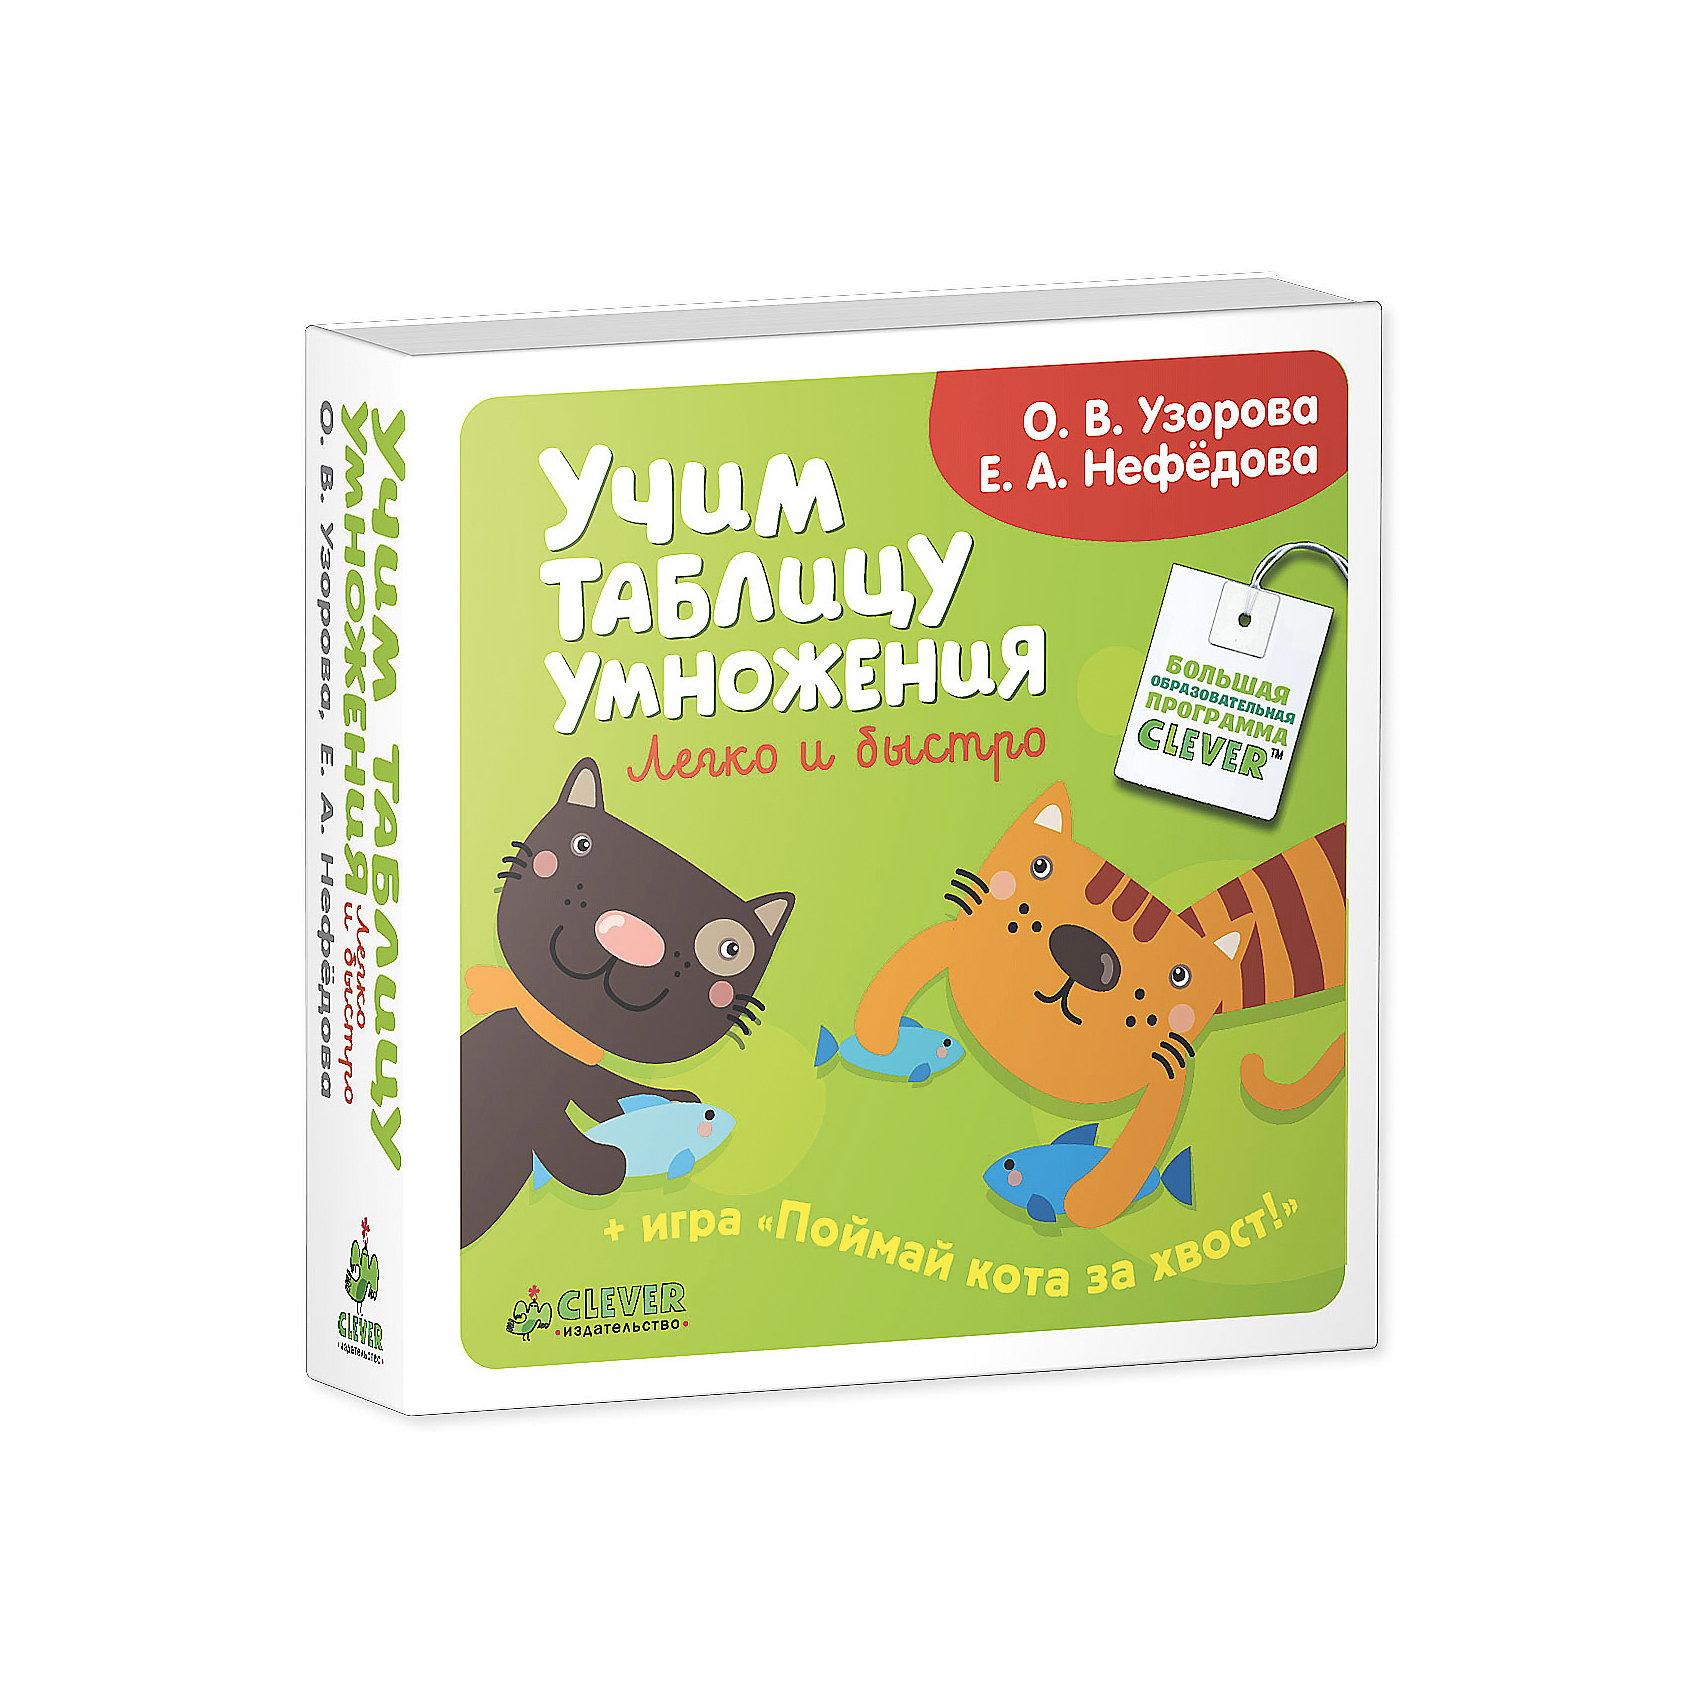 Clever Книга Учим таблицу умножения легко и быстро горбачева н ред учим таблицу умножения для начальной школы